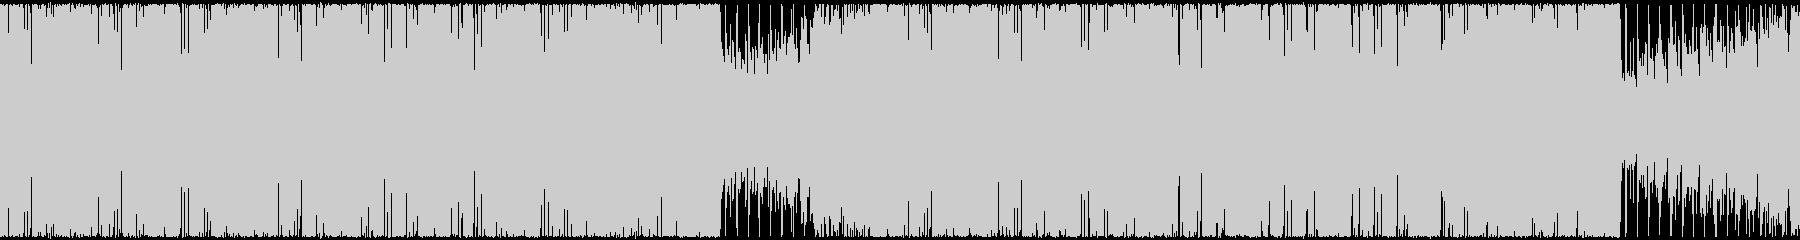 【ループ】明るいフューチャーベースv2の未再生の波形